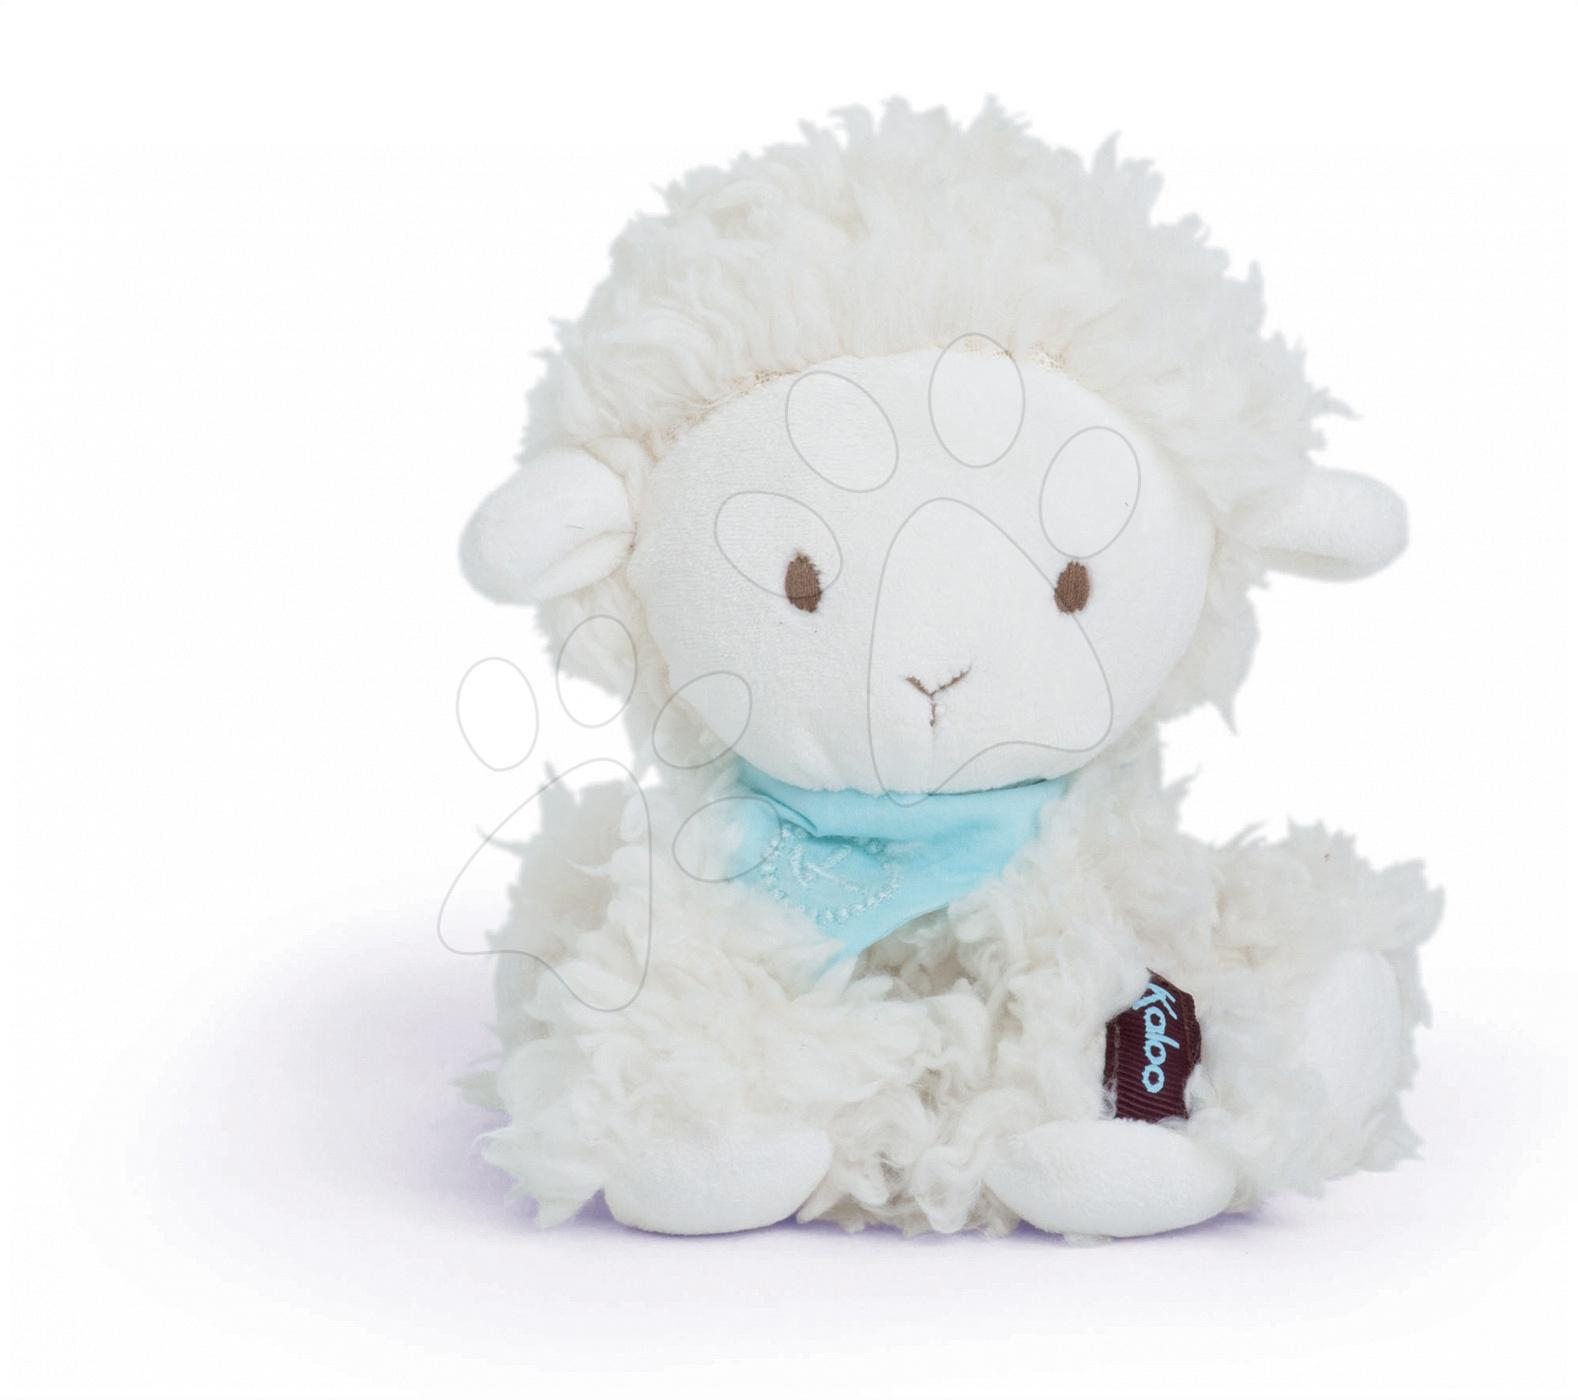 Plyšové zvieratká - Plyšová ovečka Vanille Les Amis-Agneau Kaloo 19 cm v darčekovom balení pre najmenších